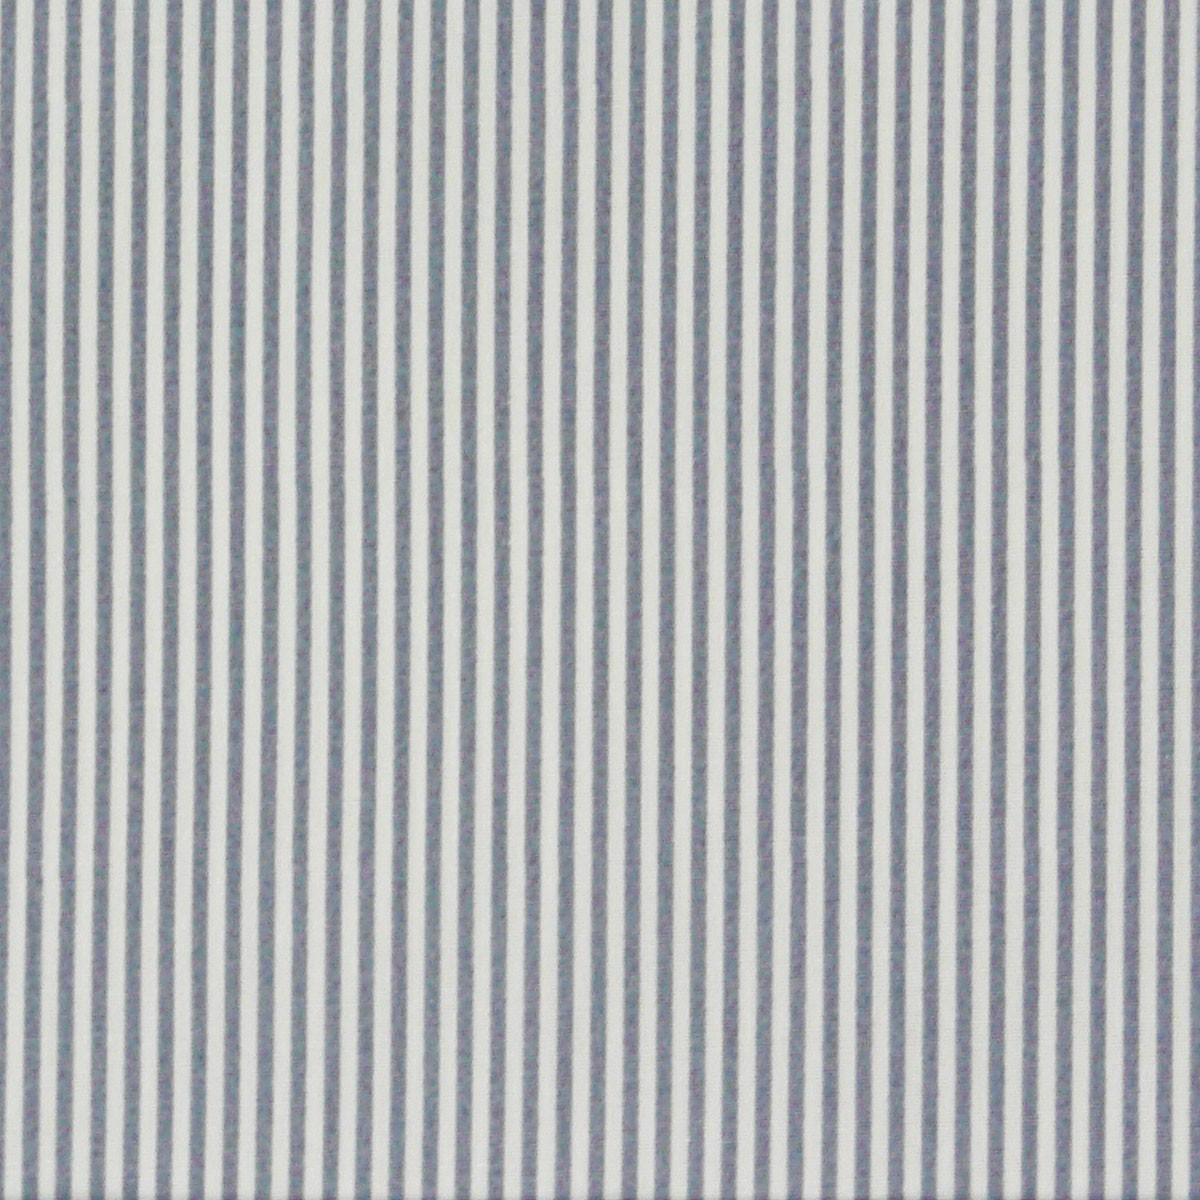 Baumwollstoff Klekse Striche dunkelblau weiß 1,45m Breite